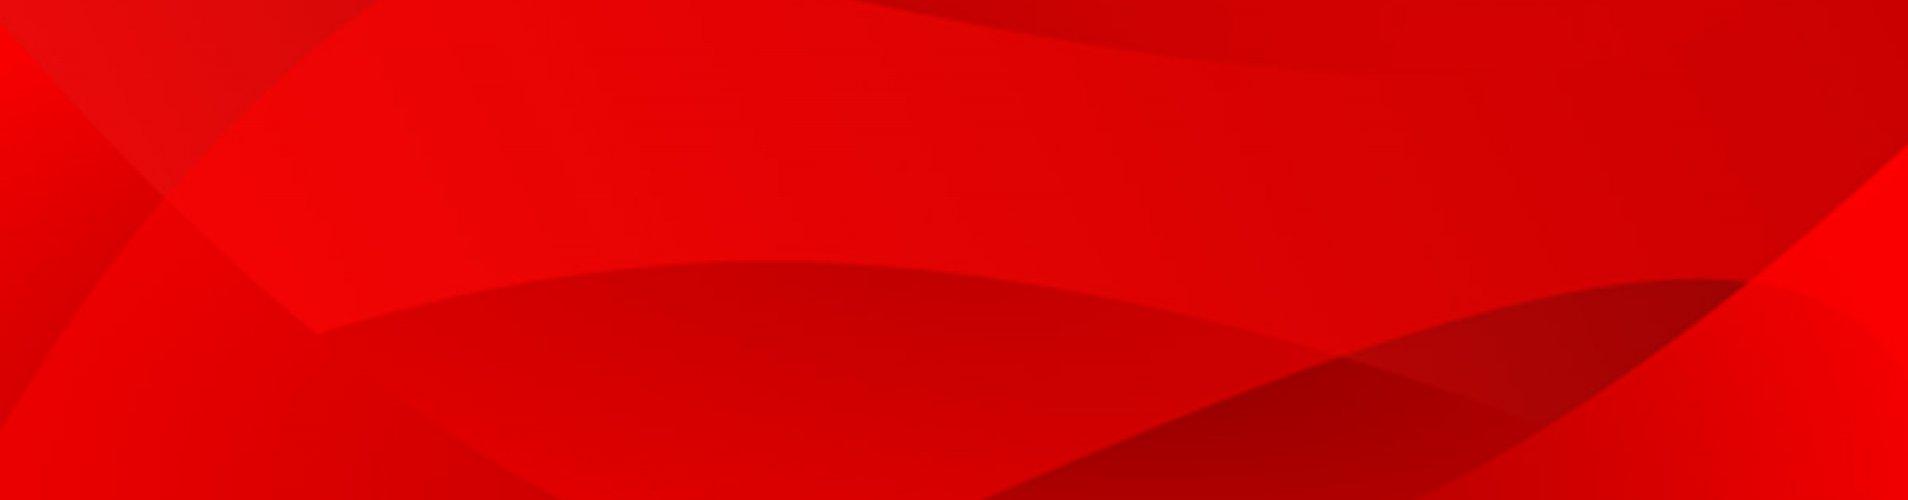 Güncellenme Zamanı: 12.05.2020 13:19:33